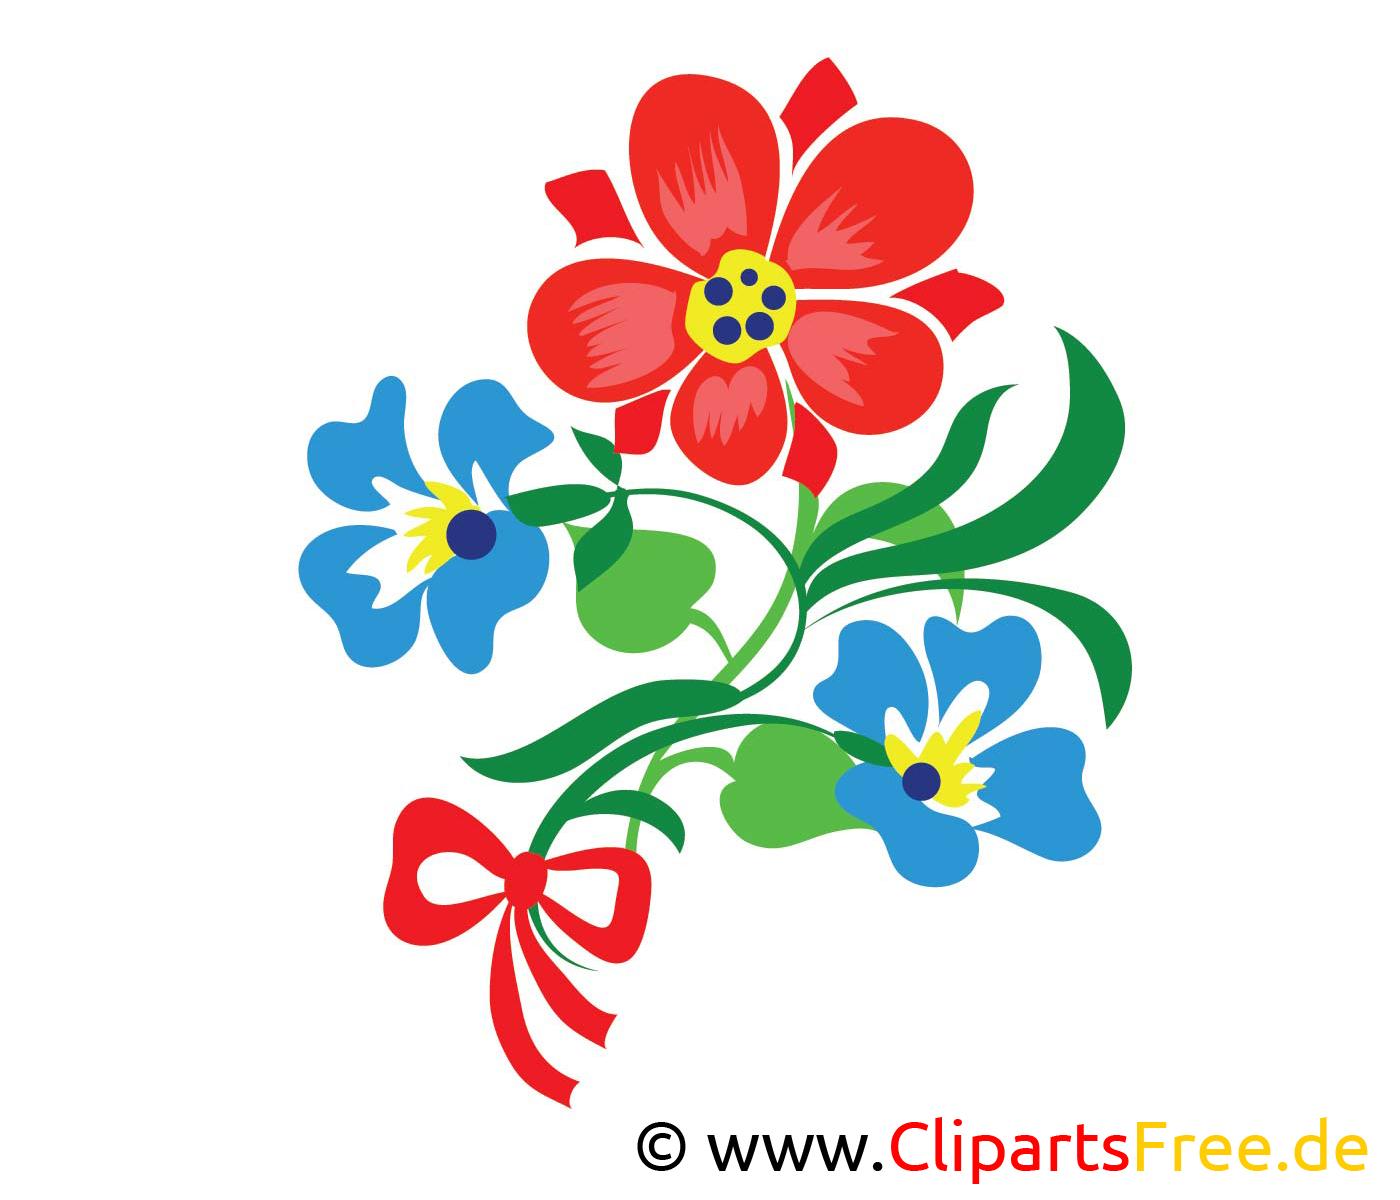 Dessin Fleurs Gratuit À Télécharger - Fleurs Dessin, Picture destiné Dessins Gratuits À Télécharger